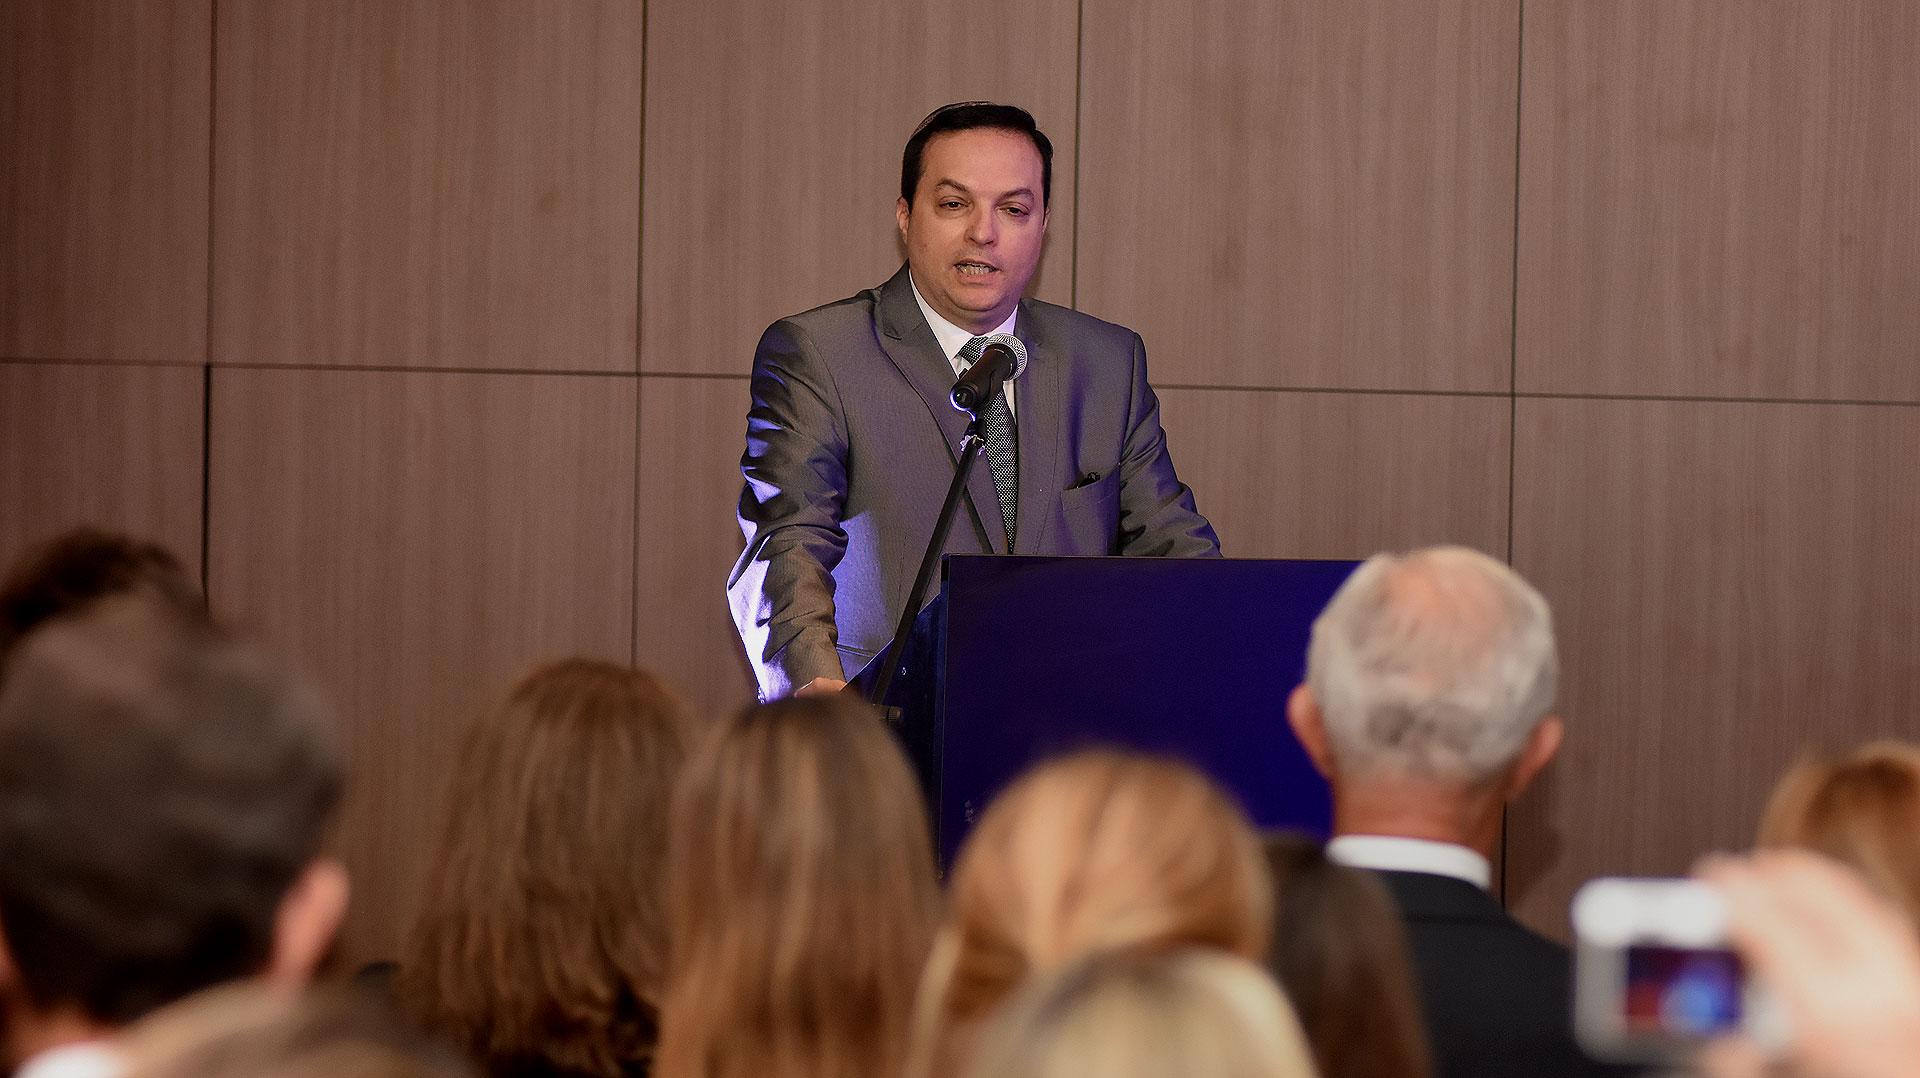 Ariel Cohen Sabban, presidente de la DAIA, encabezó la entrega de los Premios DAIA 2017 en los rubros Solidaridad, Responsabilidad Social, Ciencia y Tecnología, Arte y Cultura, Inclusión y Diversidad, Prensa y Comunicación, y Derechos Humanos /// Fotos: Nicolás Stulberg